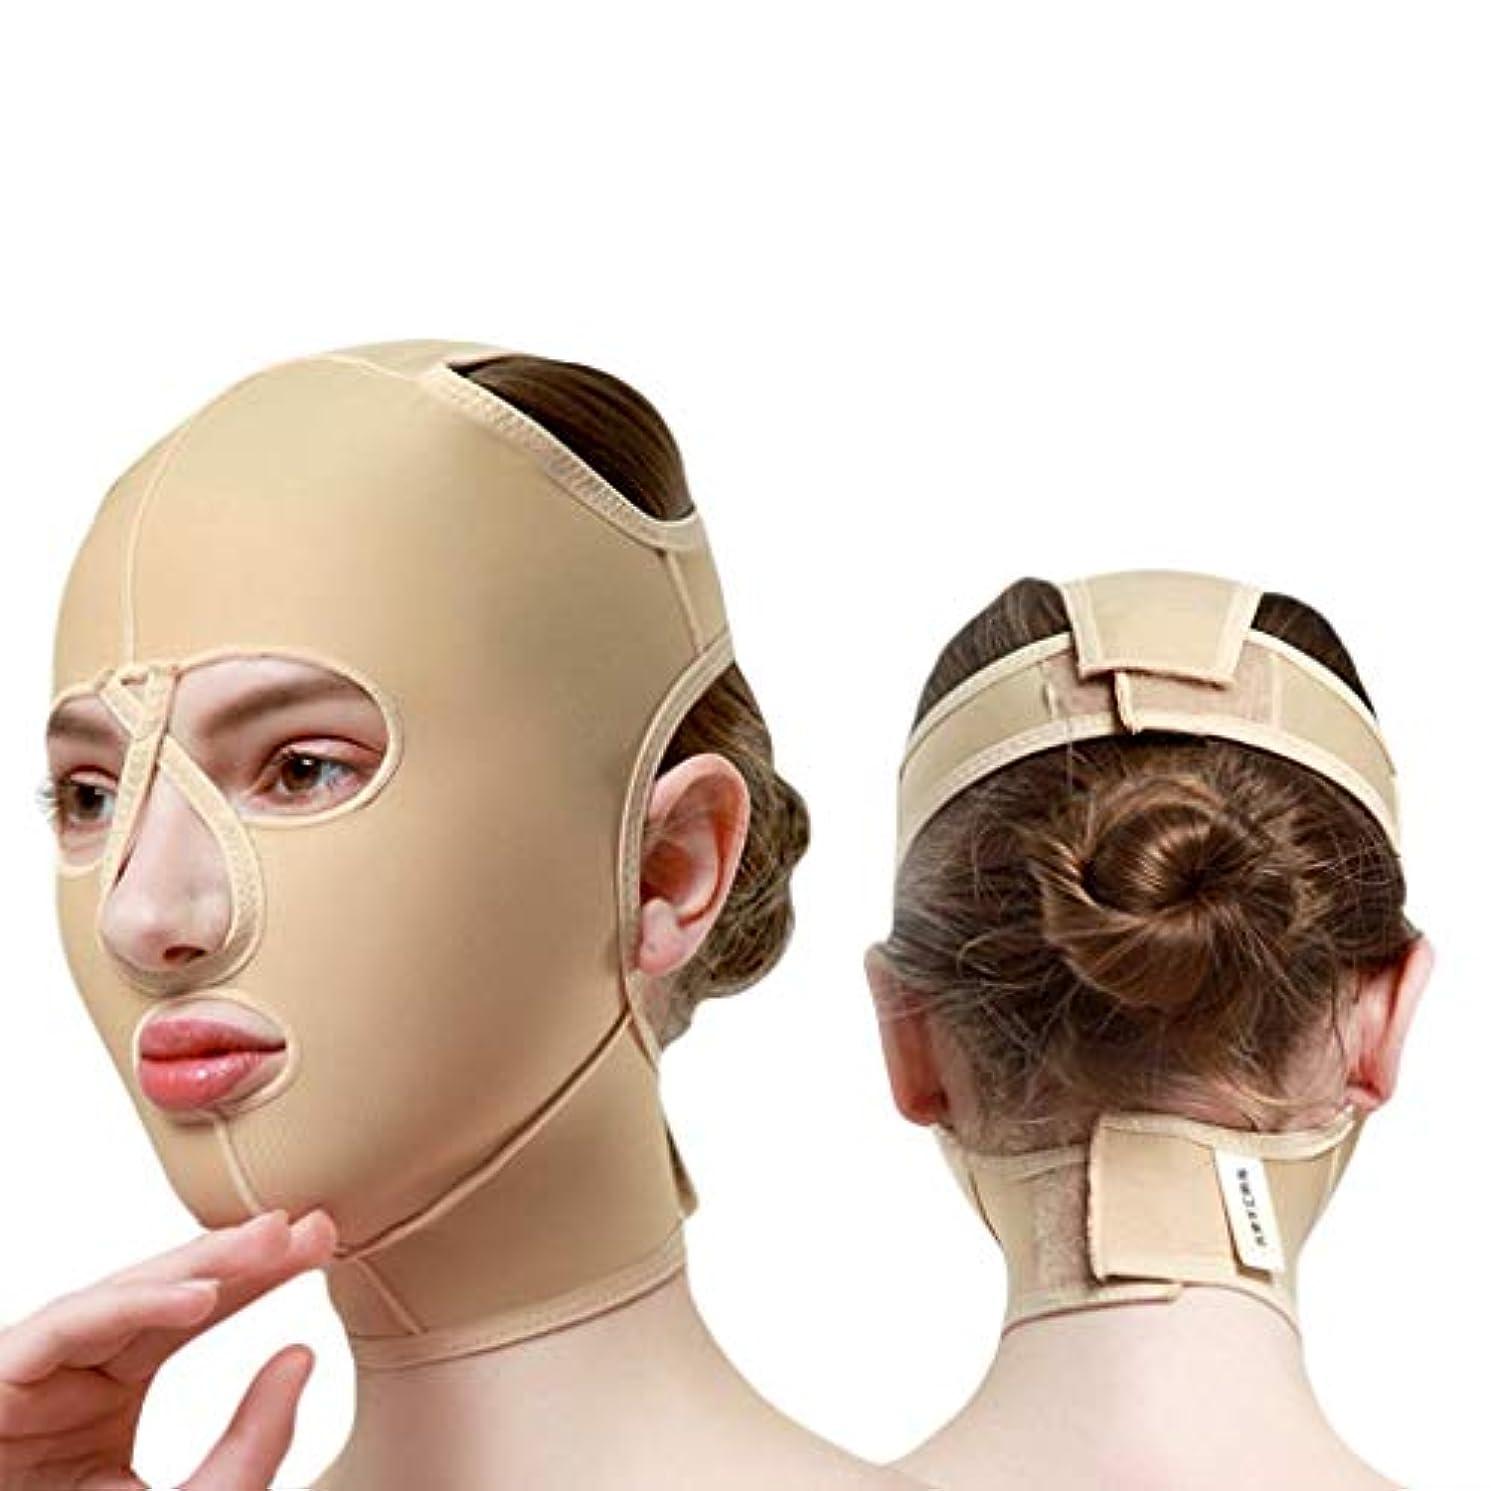 無駄な発音意志に反するチンストラップ、顔彫りツール、リフティングマスク、ダブルチンリデューサー、フェイスリフティングエラスティックマスクメス(サイズ:M),XL